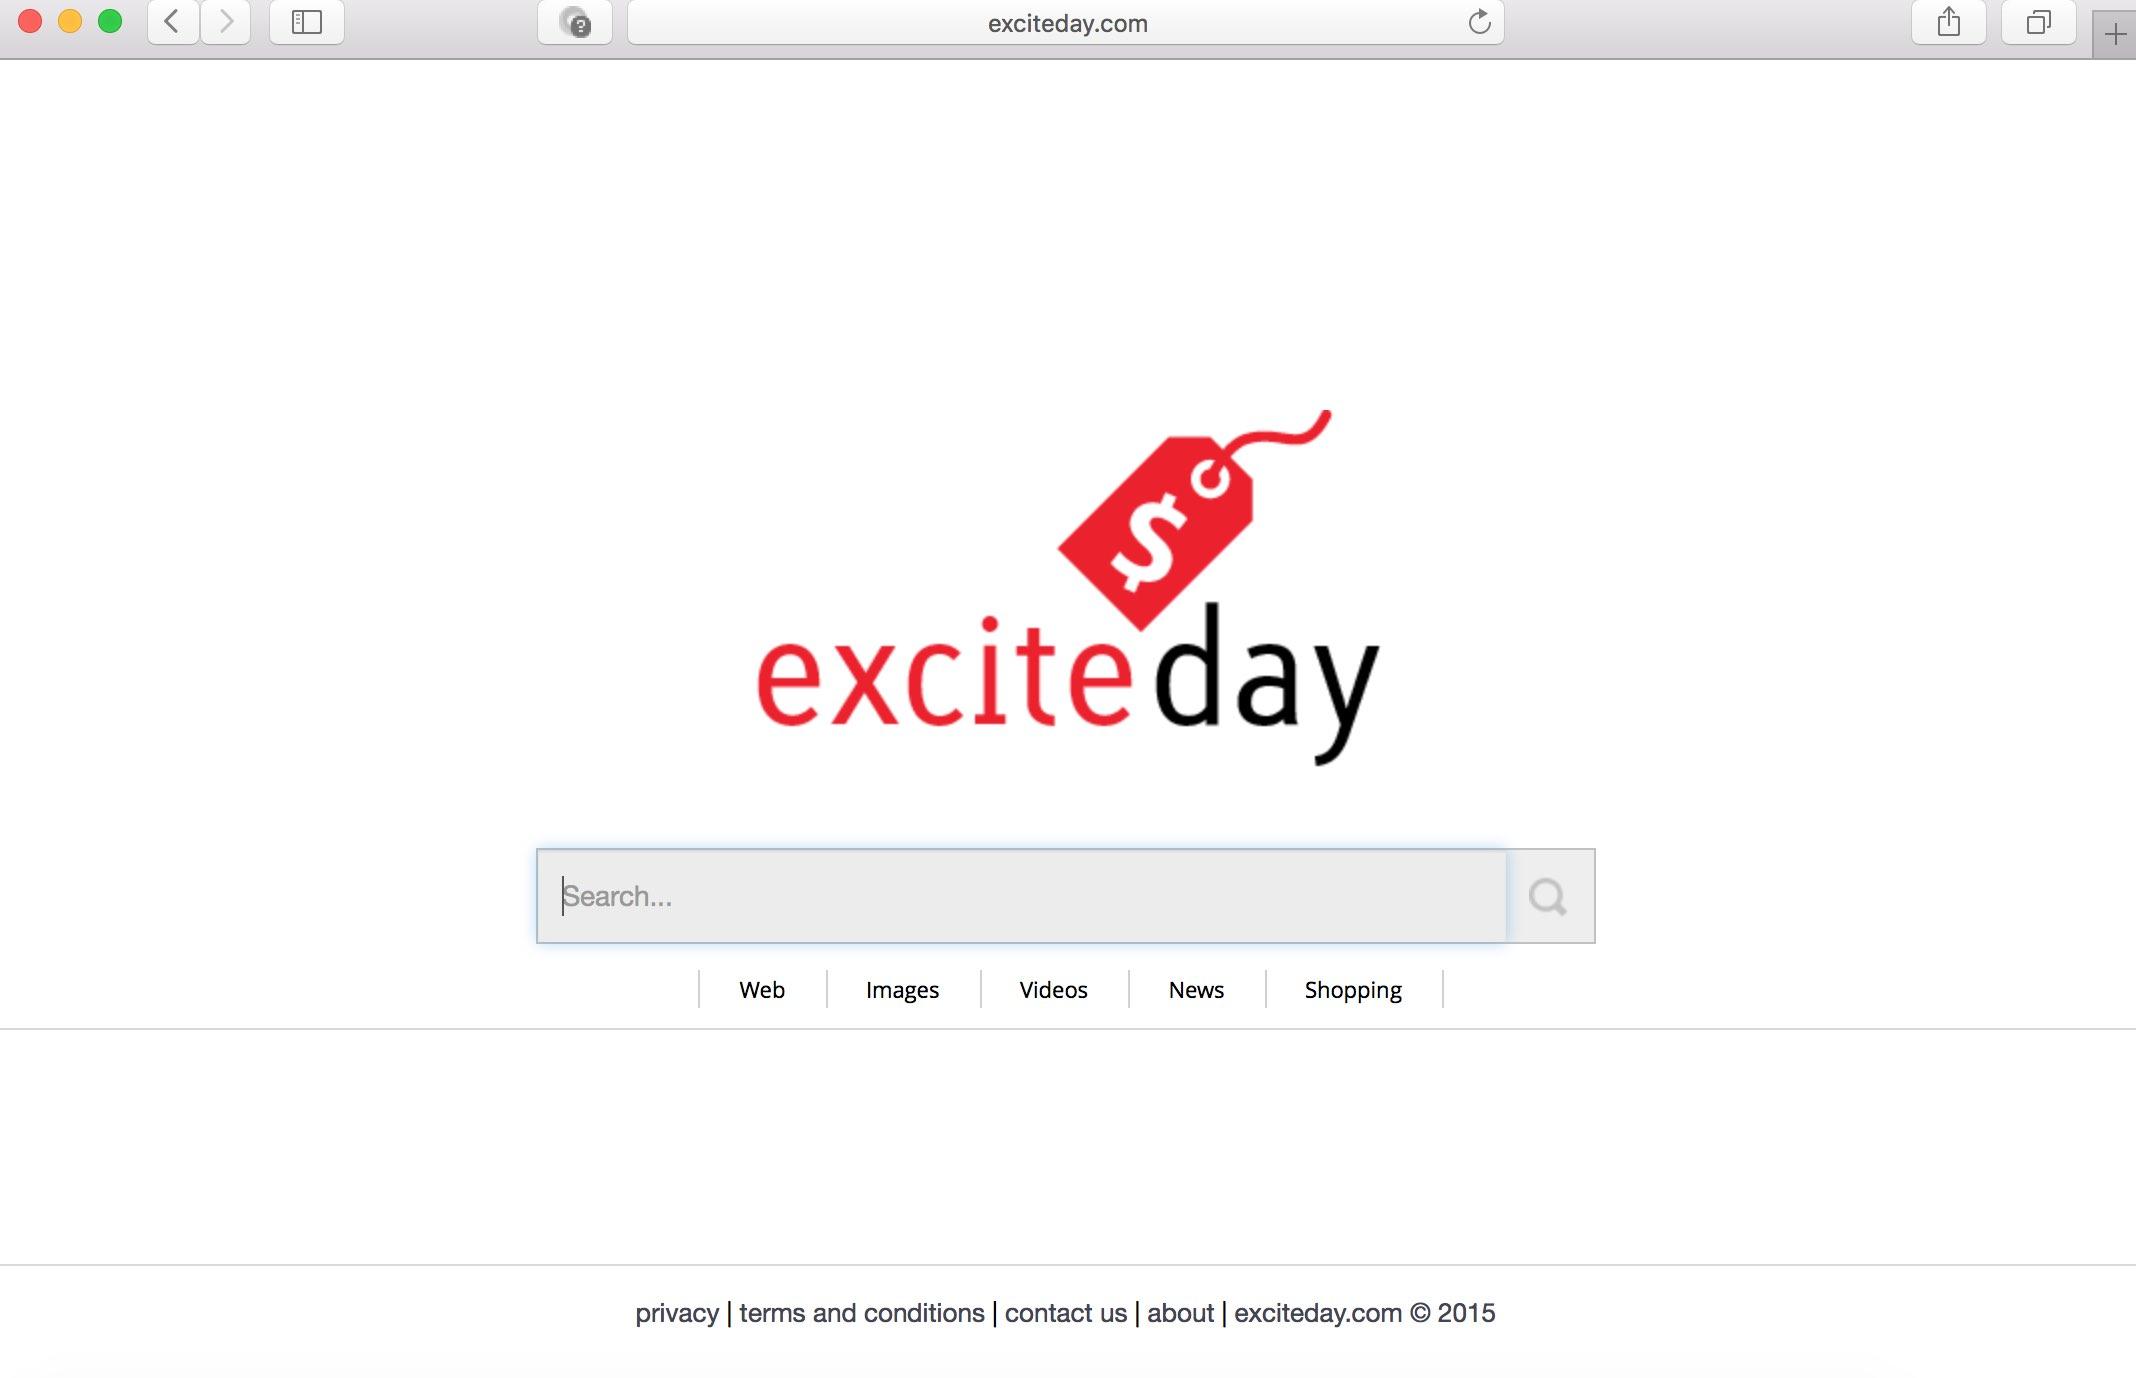 Exciteday.com